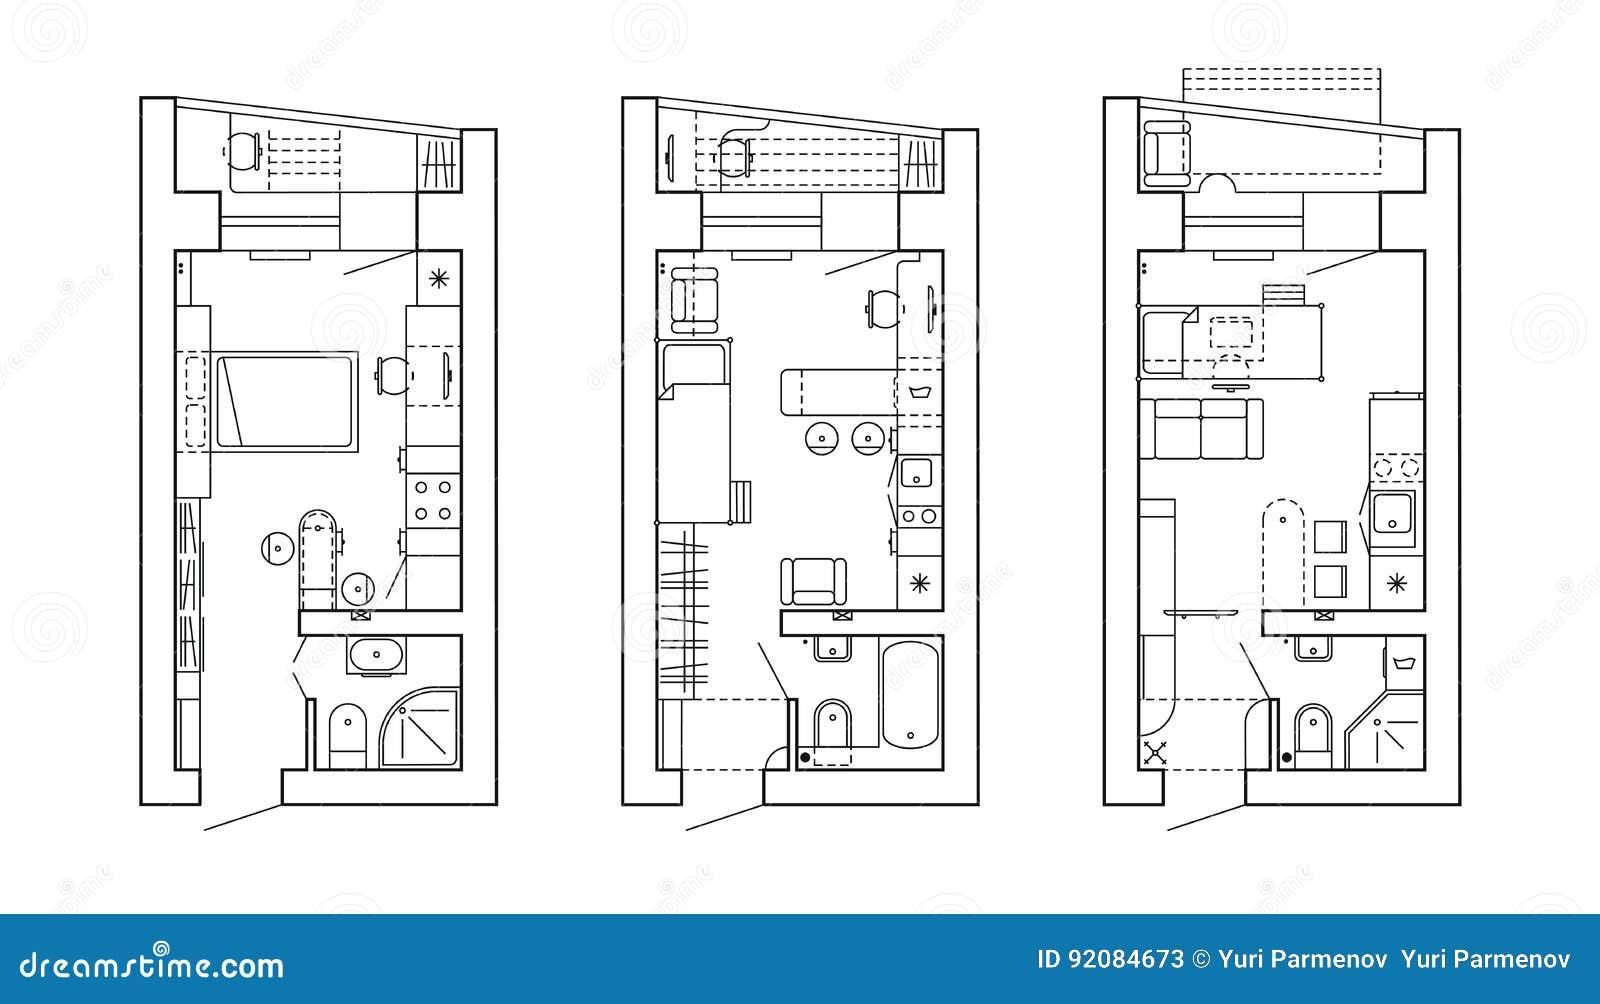 Plano arquitet nico de uma casa disposi o do apartamento for Plano b mobilia